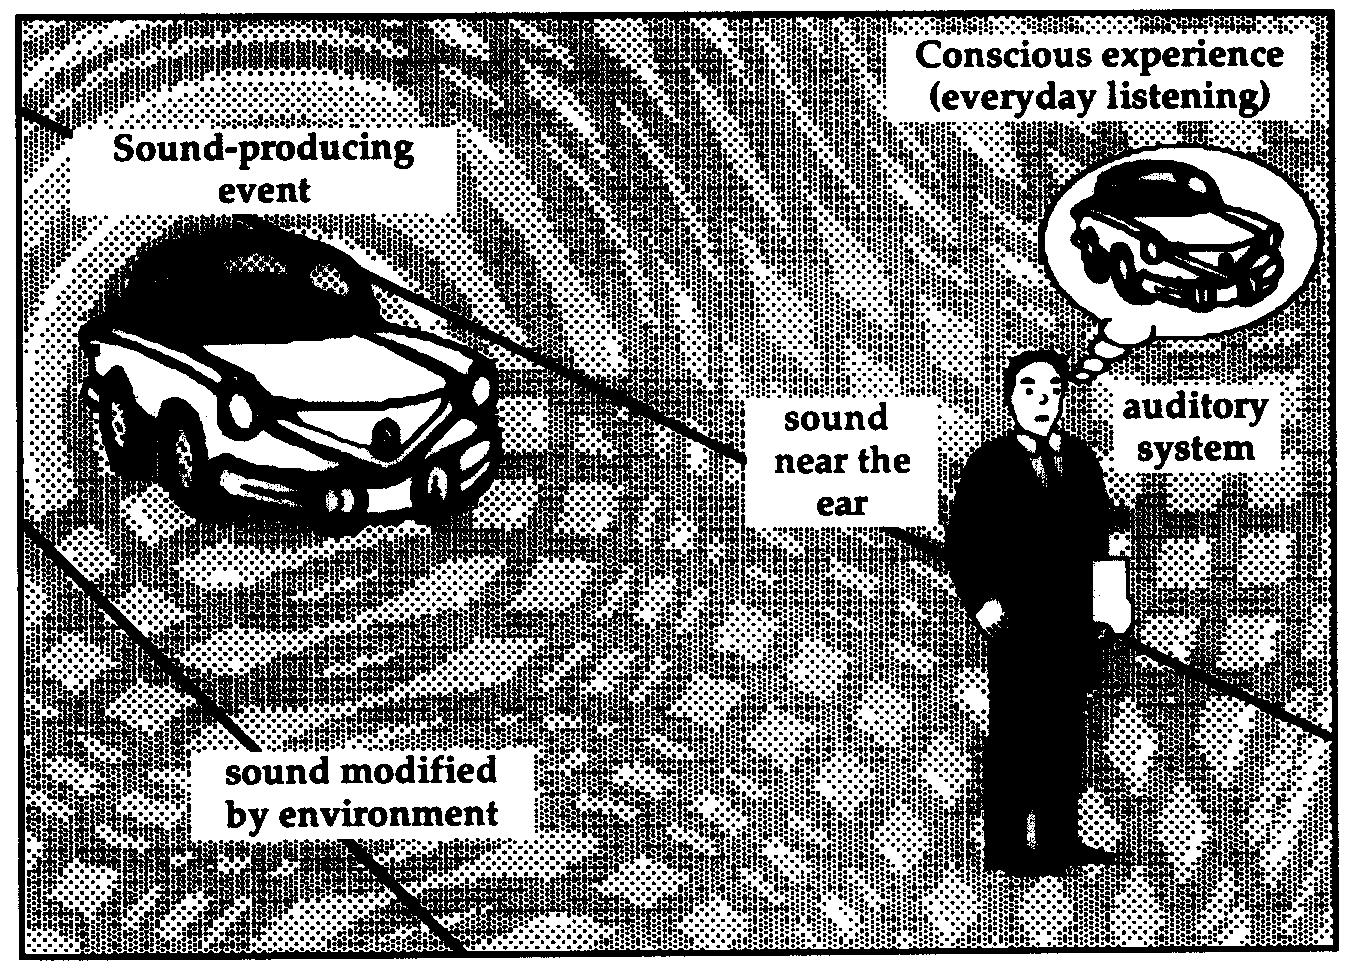 L'esempio dell'automobile come sorgente di onde sonore; alcune onde raggiungono l'orecchio umano immutate, altre invece vengono modificate dall'ambiente.